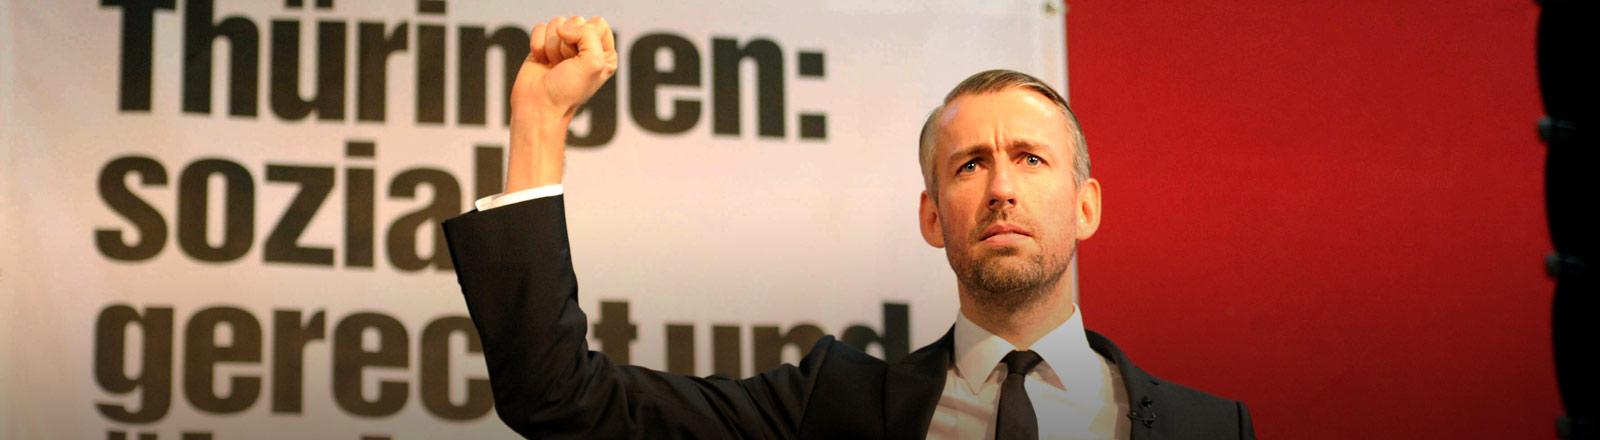 """Sebastian Pufpaff auf einer Veranstaltung der Partei """"Die Linke"""""""